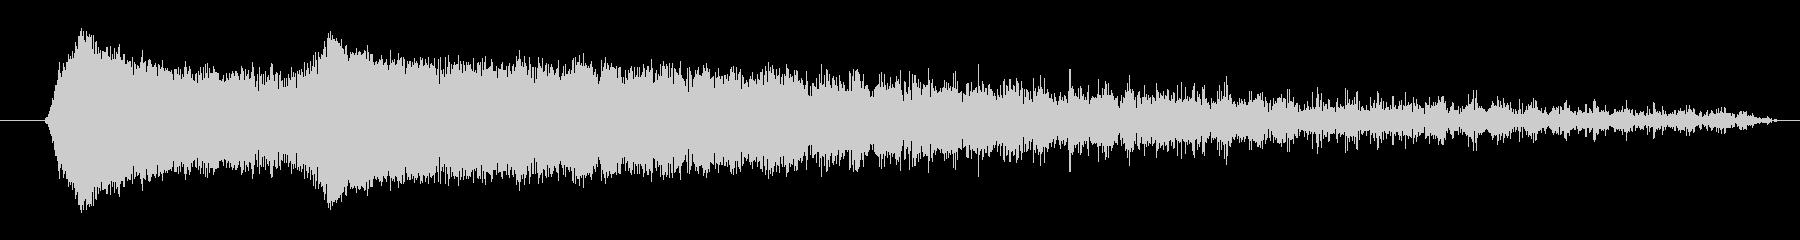 FX ショートスピニングファイア01の未再生の波形